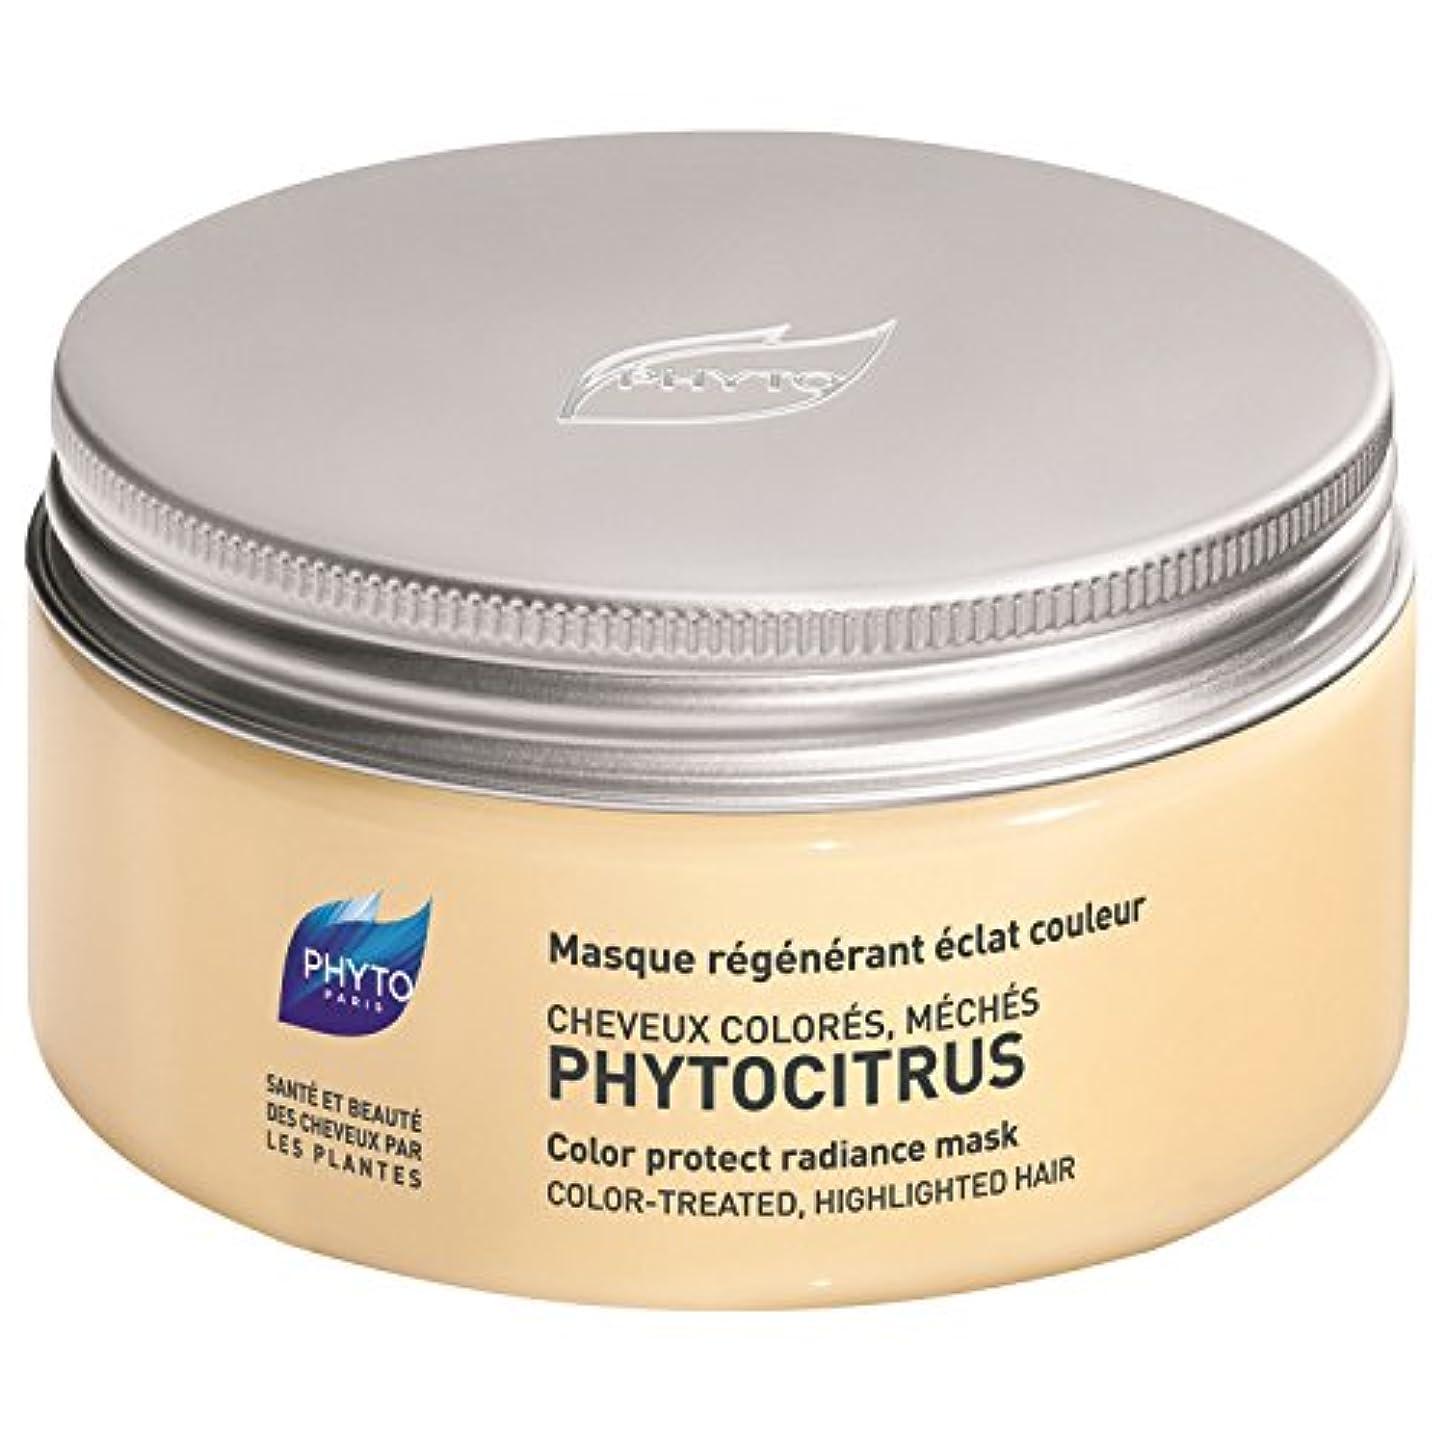 信頼できる有利簿記係フィトPhytocitrus色保護放射輝度マスク200ミリリットル (Phyto) (x2) - Phyto Phytocitrus Colour Protect Radiance Mask 200ml (Pack of...